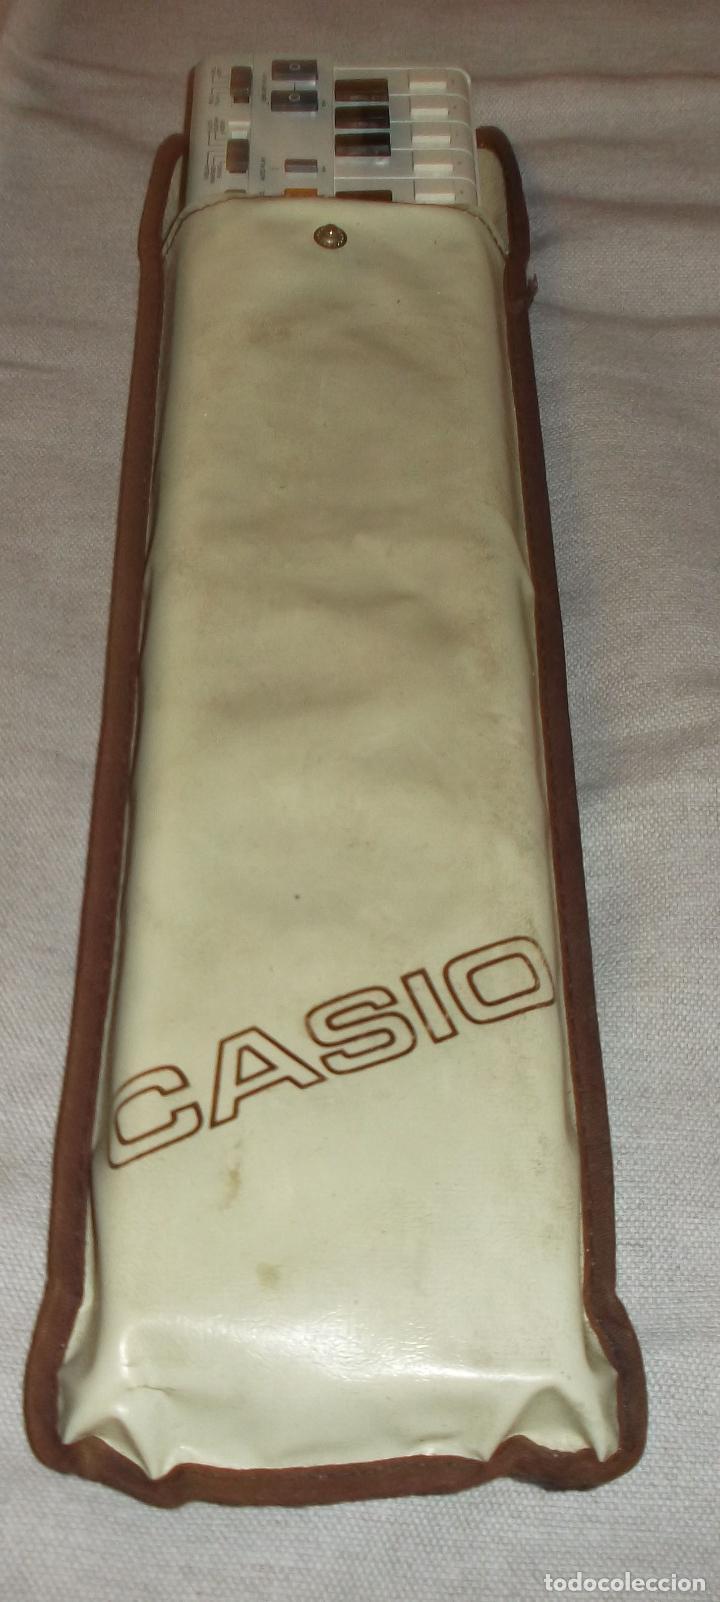 Instrumentos musicales: piano casio de los años 80 modelo VL- 1 en funcionamiento - Foto 2 - 86214683